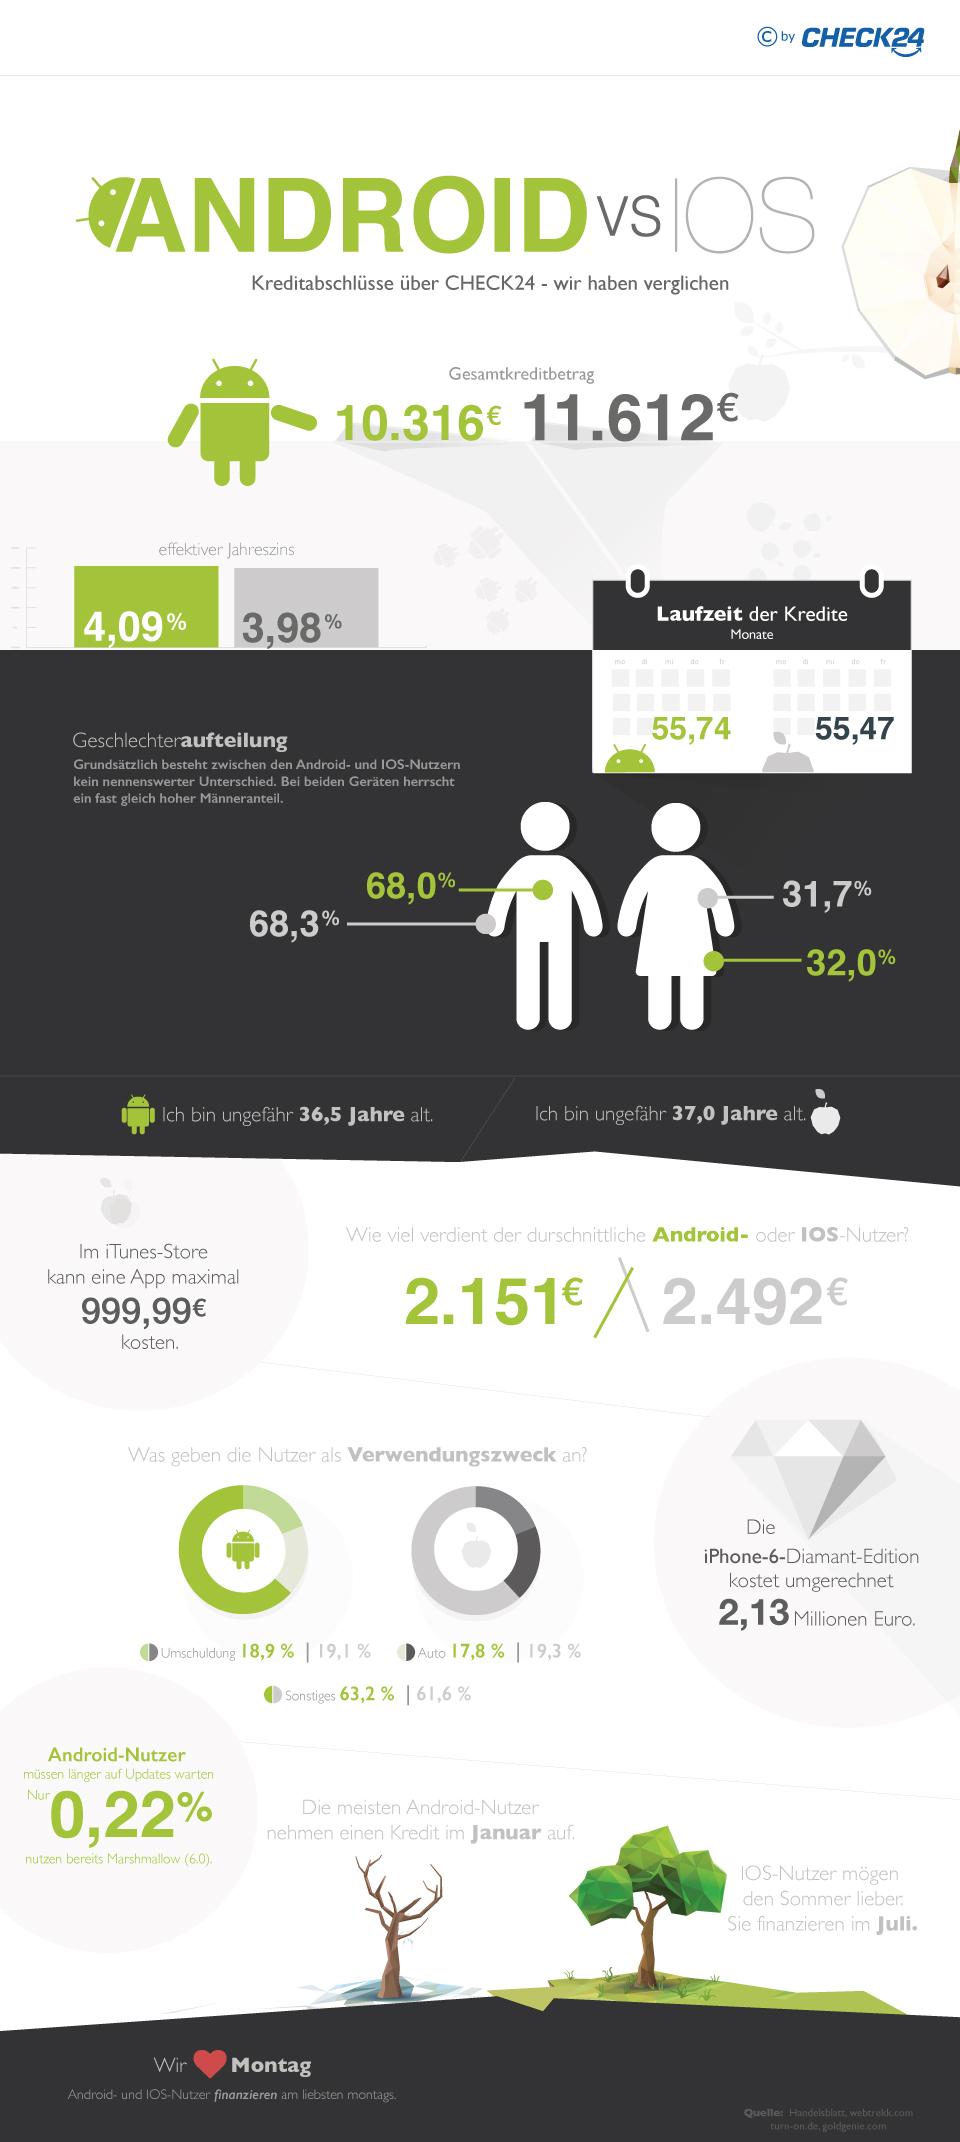 Vergleich der Giganten: Kreditabschlüsse über Android und IOS